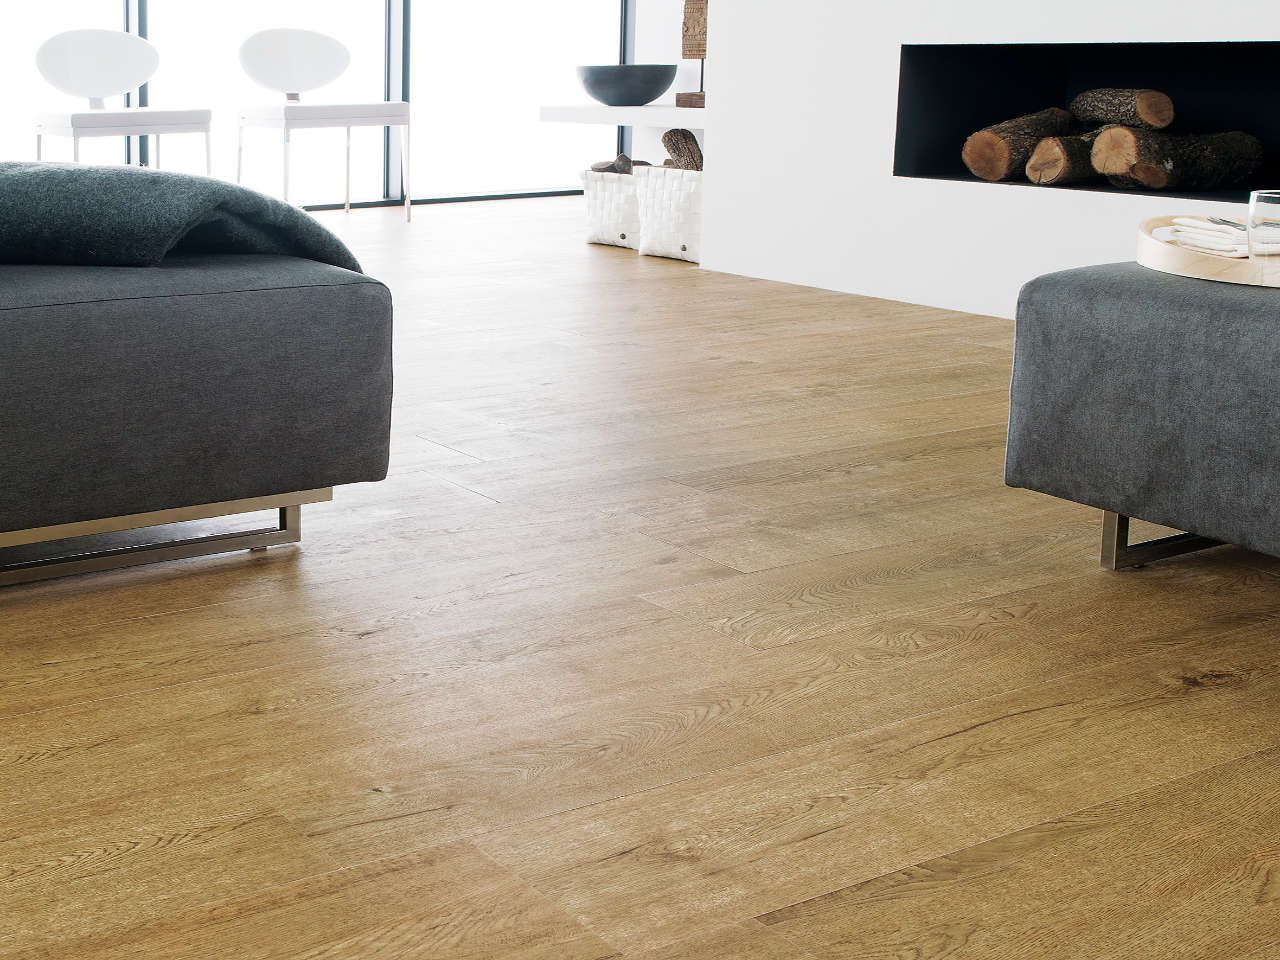 Pavimento par ker montana honey 19 3x120 cm woonk for Pavimento ceramico interior